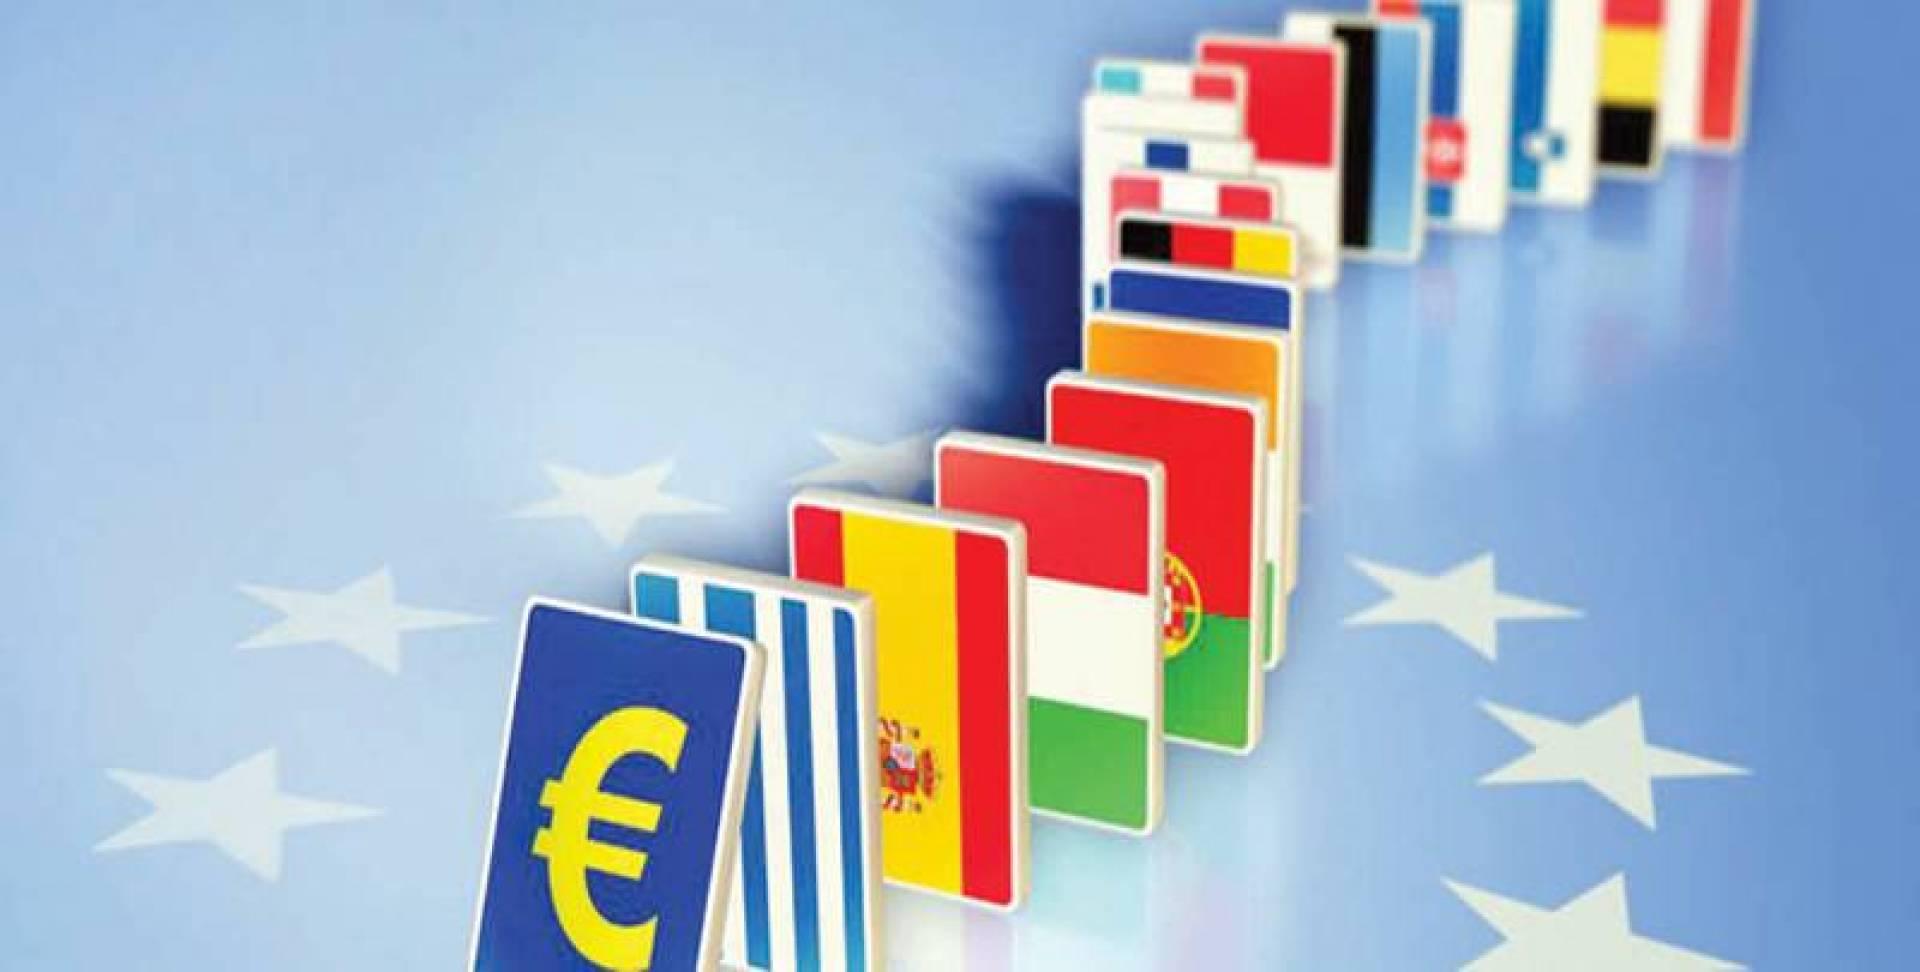 ضعف اليورو سيؤثر سلباً في اقتصادات القارة العجوز